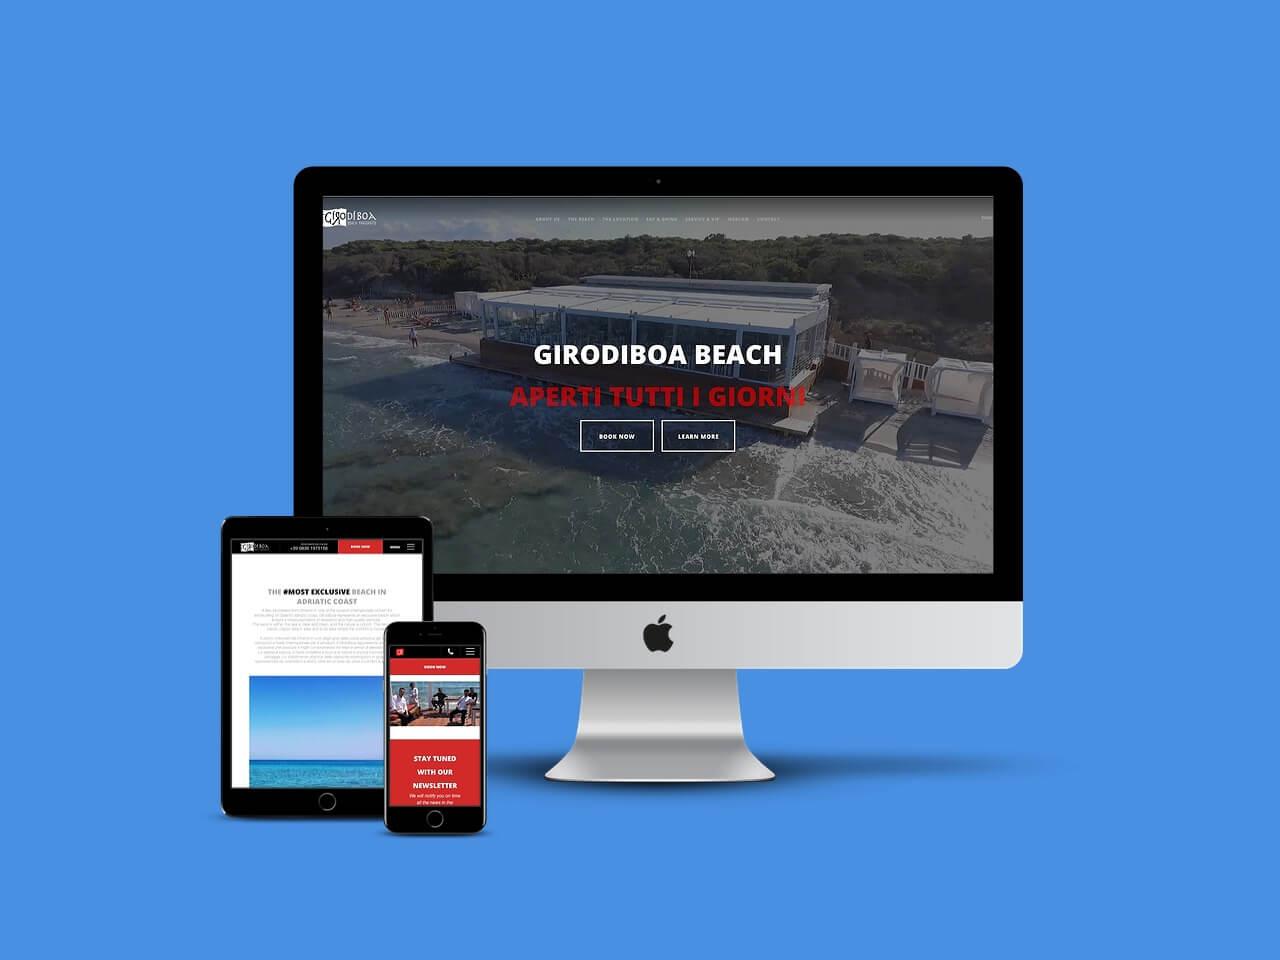 GirodiBoa Beach